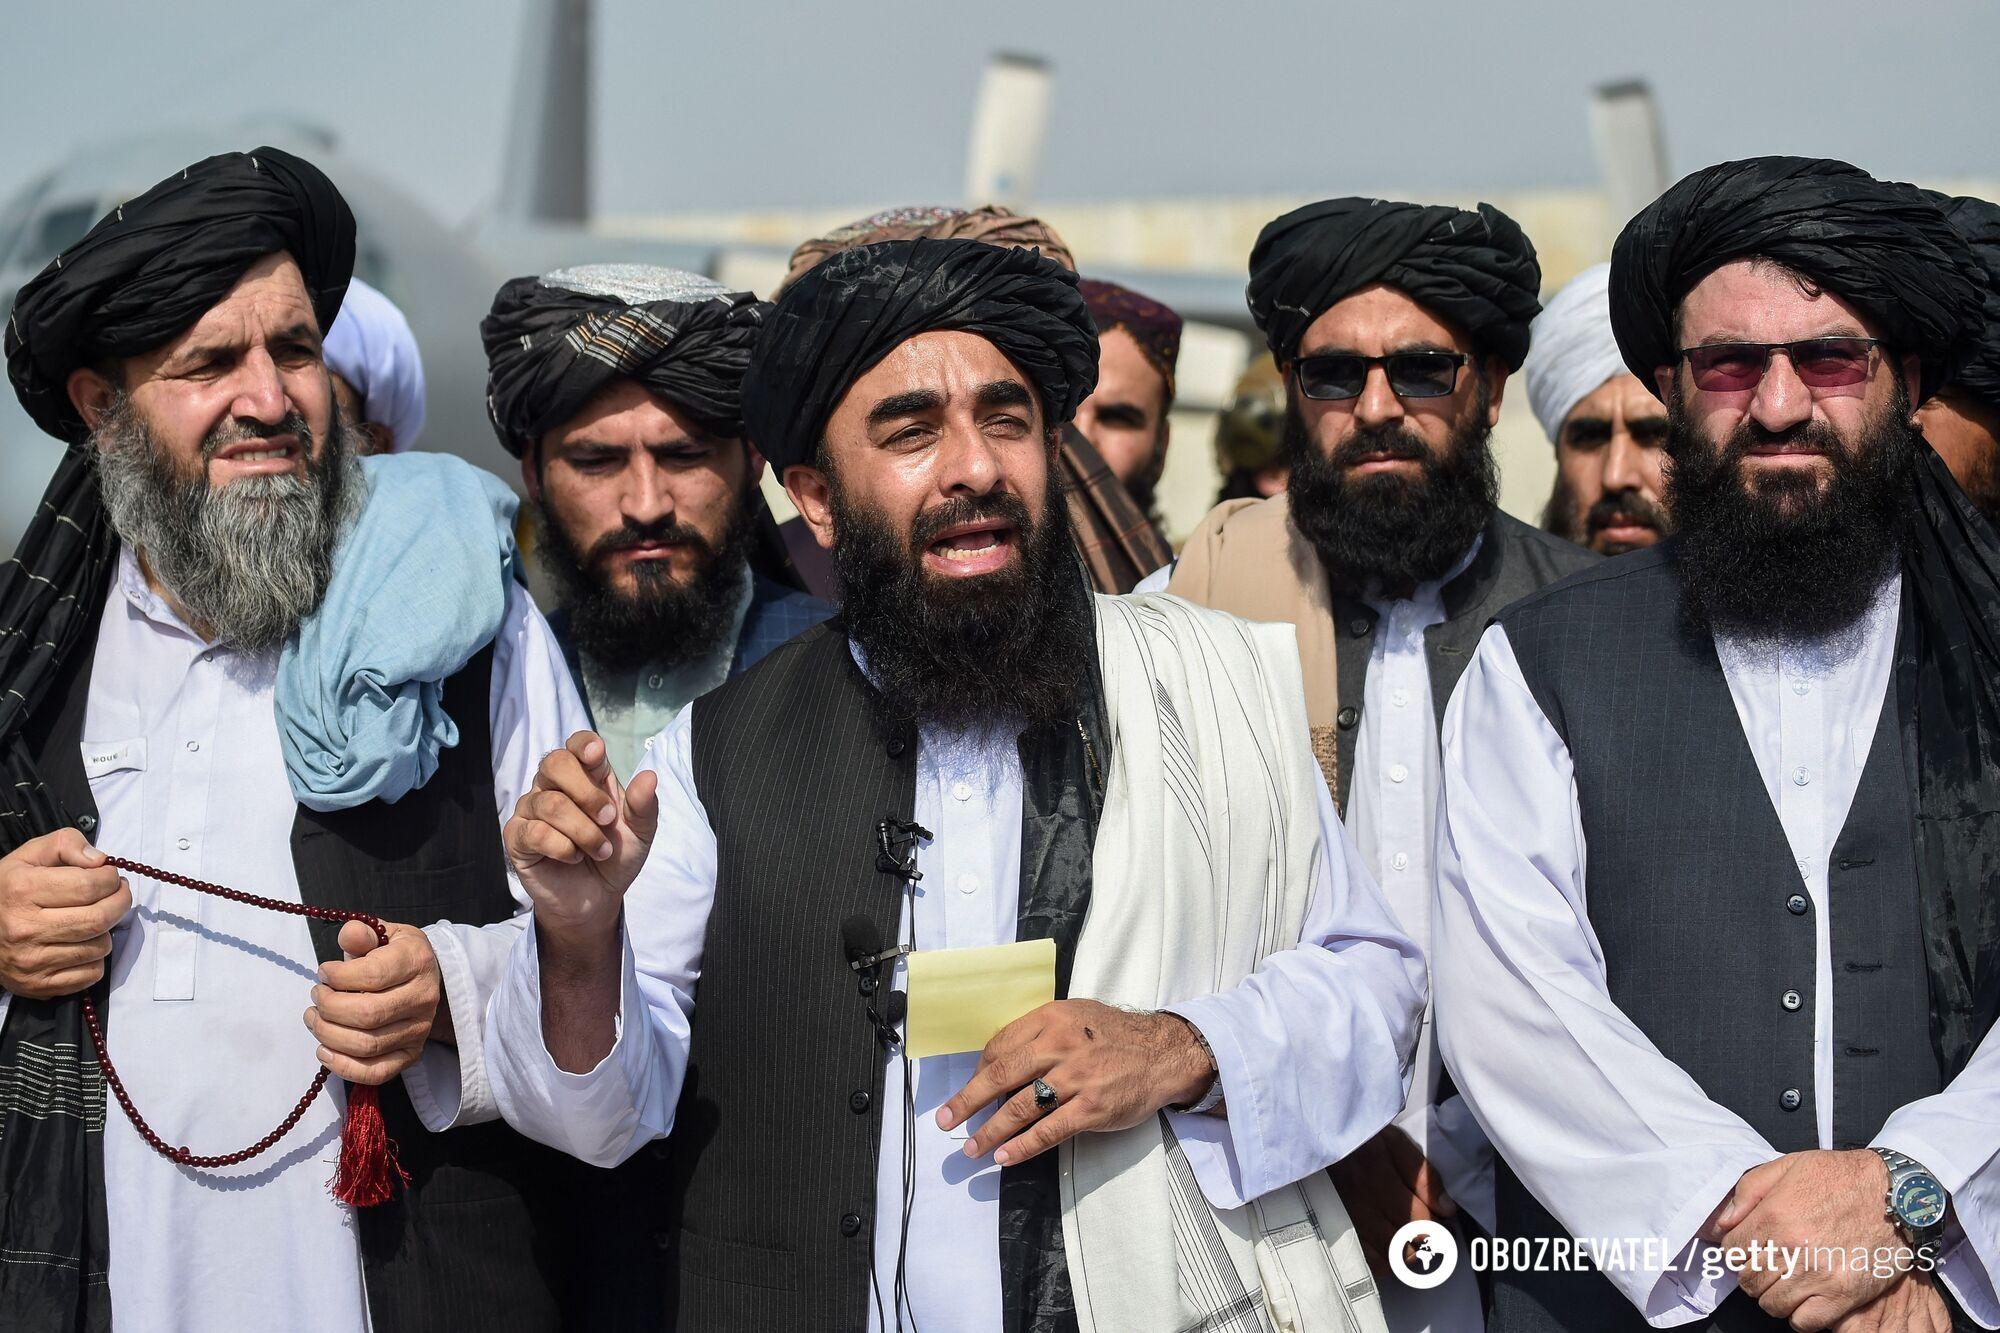 """Руководство """"Талибана"""" осматривает аэропорт после ухода военных США"""